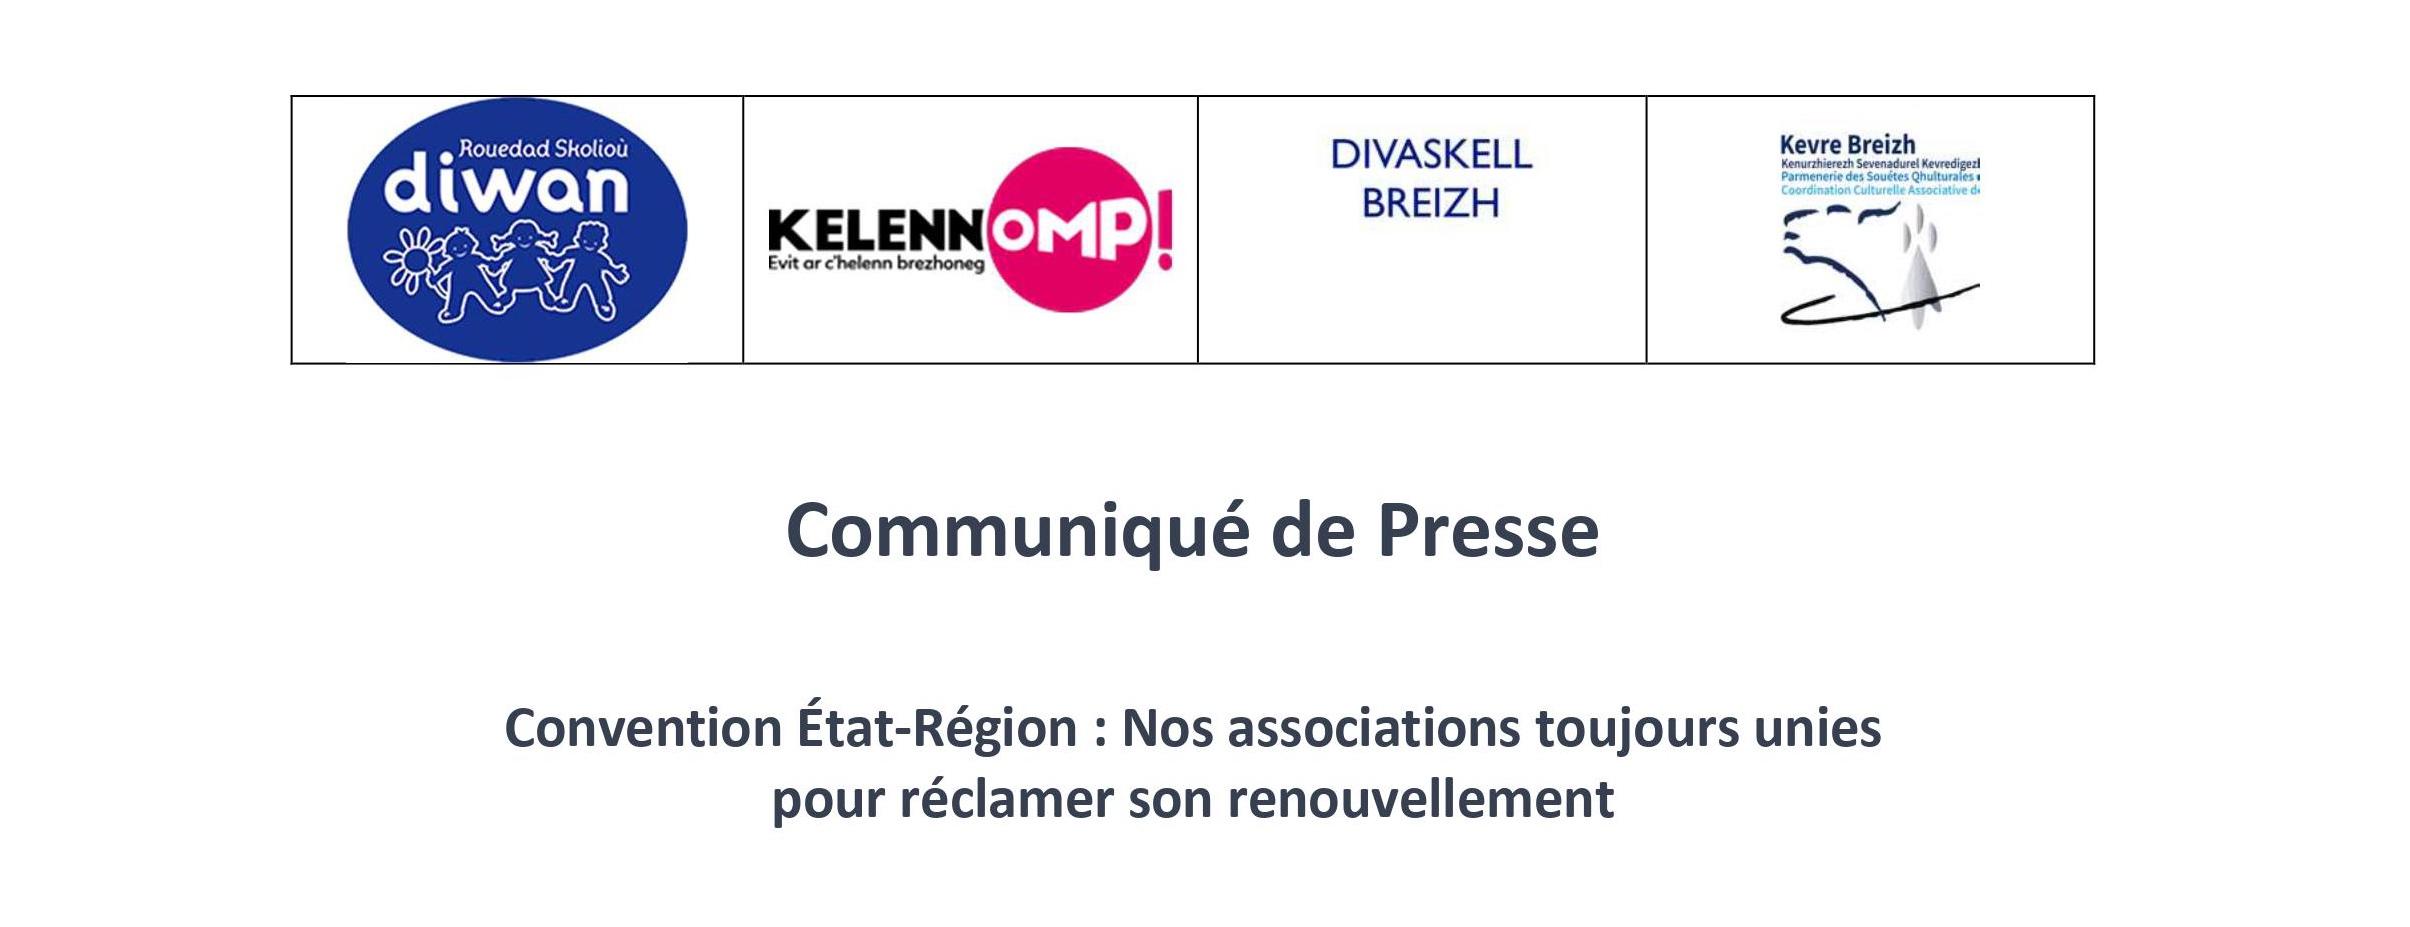 Communiqué de presse : Convention État-Région, Nos associations toujours unies pour réclamer son renouvellement